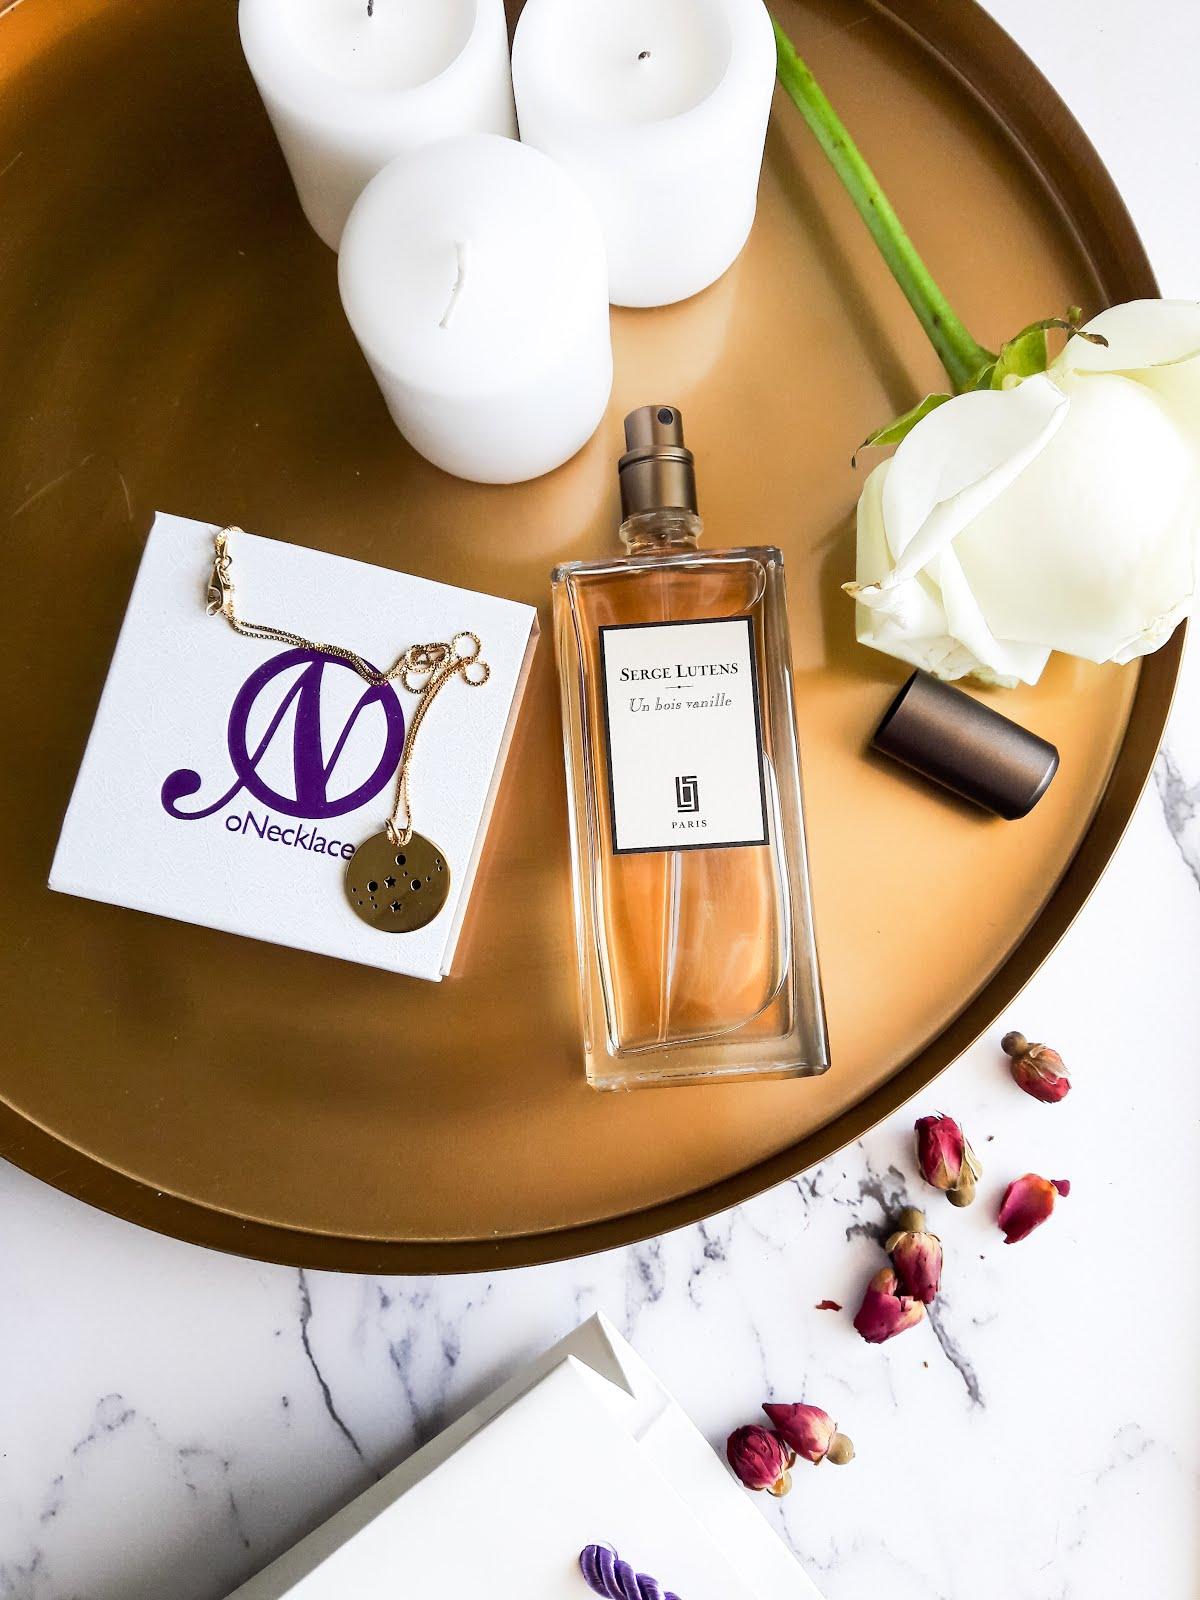 моя статья о нишевой парфюмерии на 1000 советов